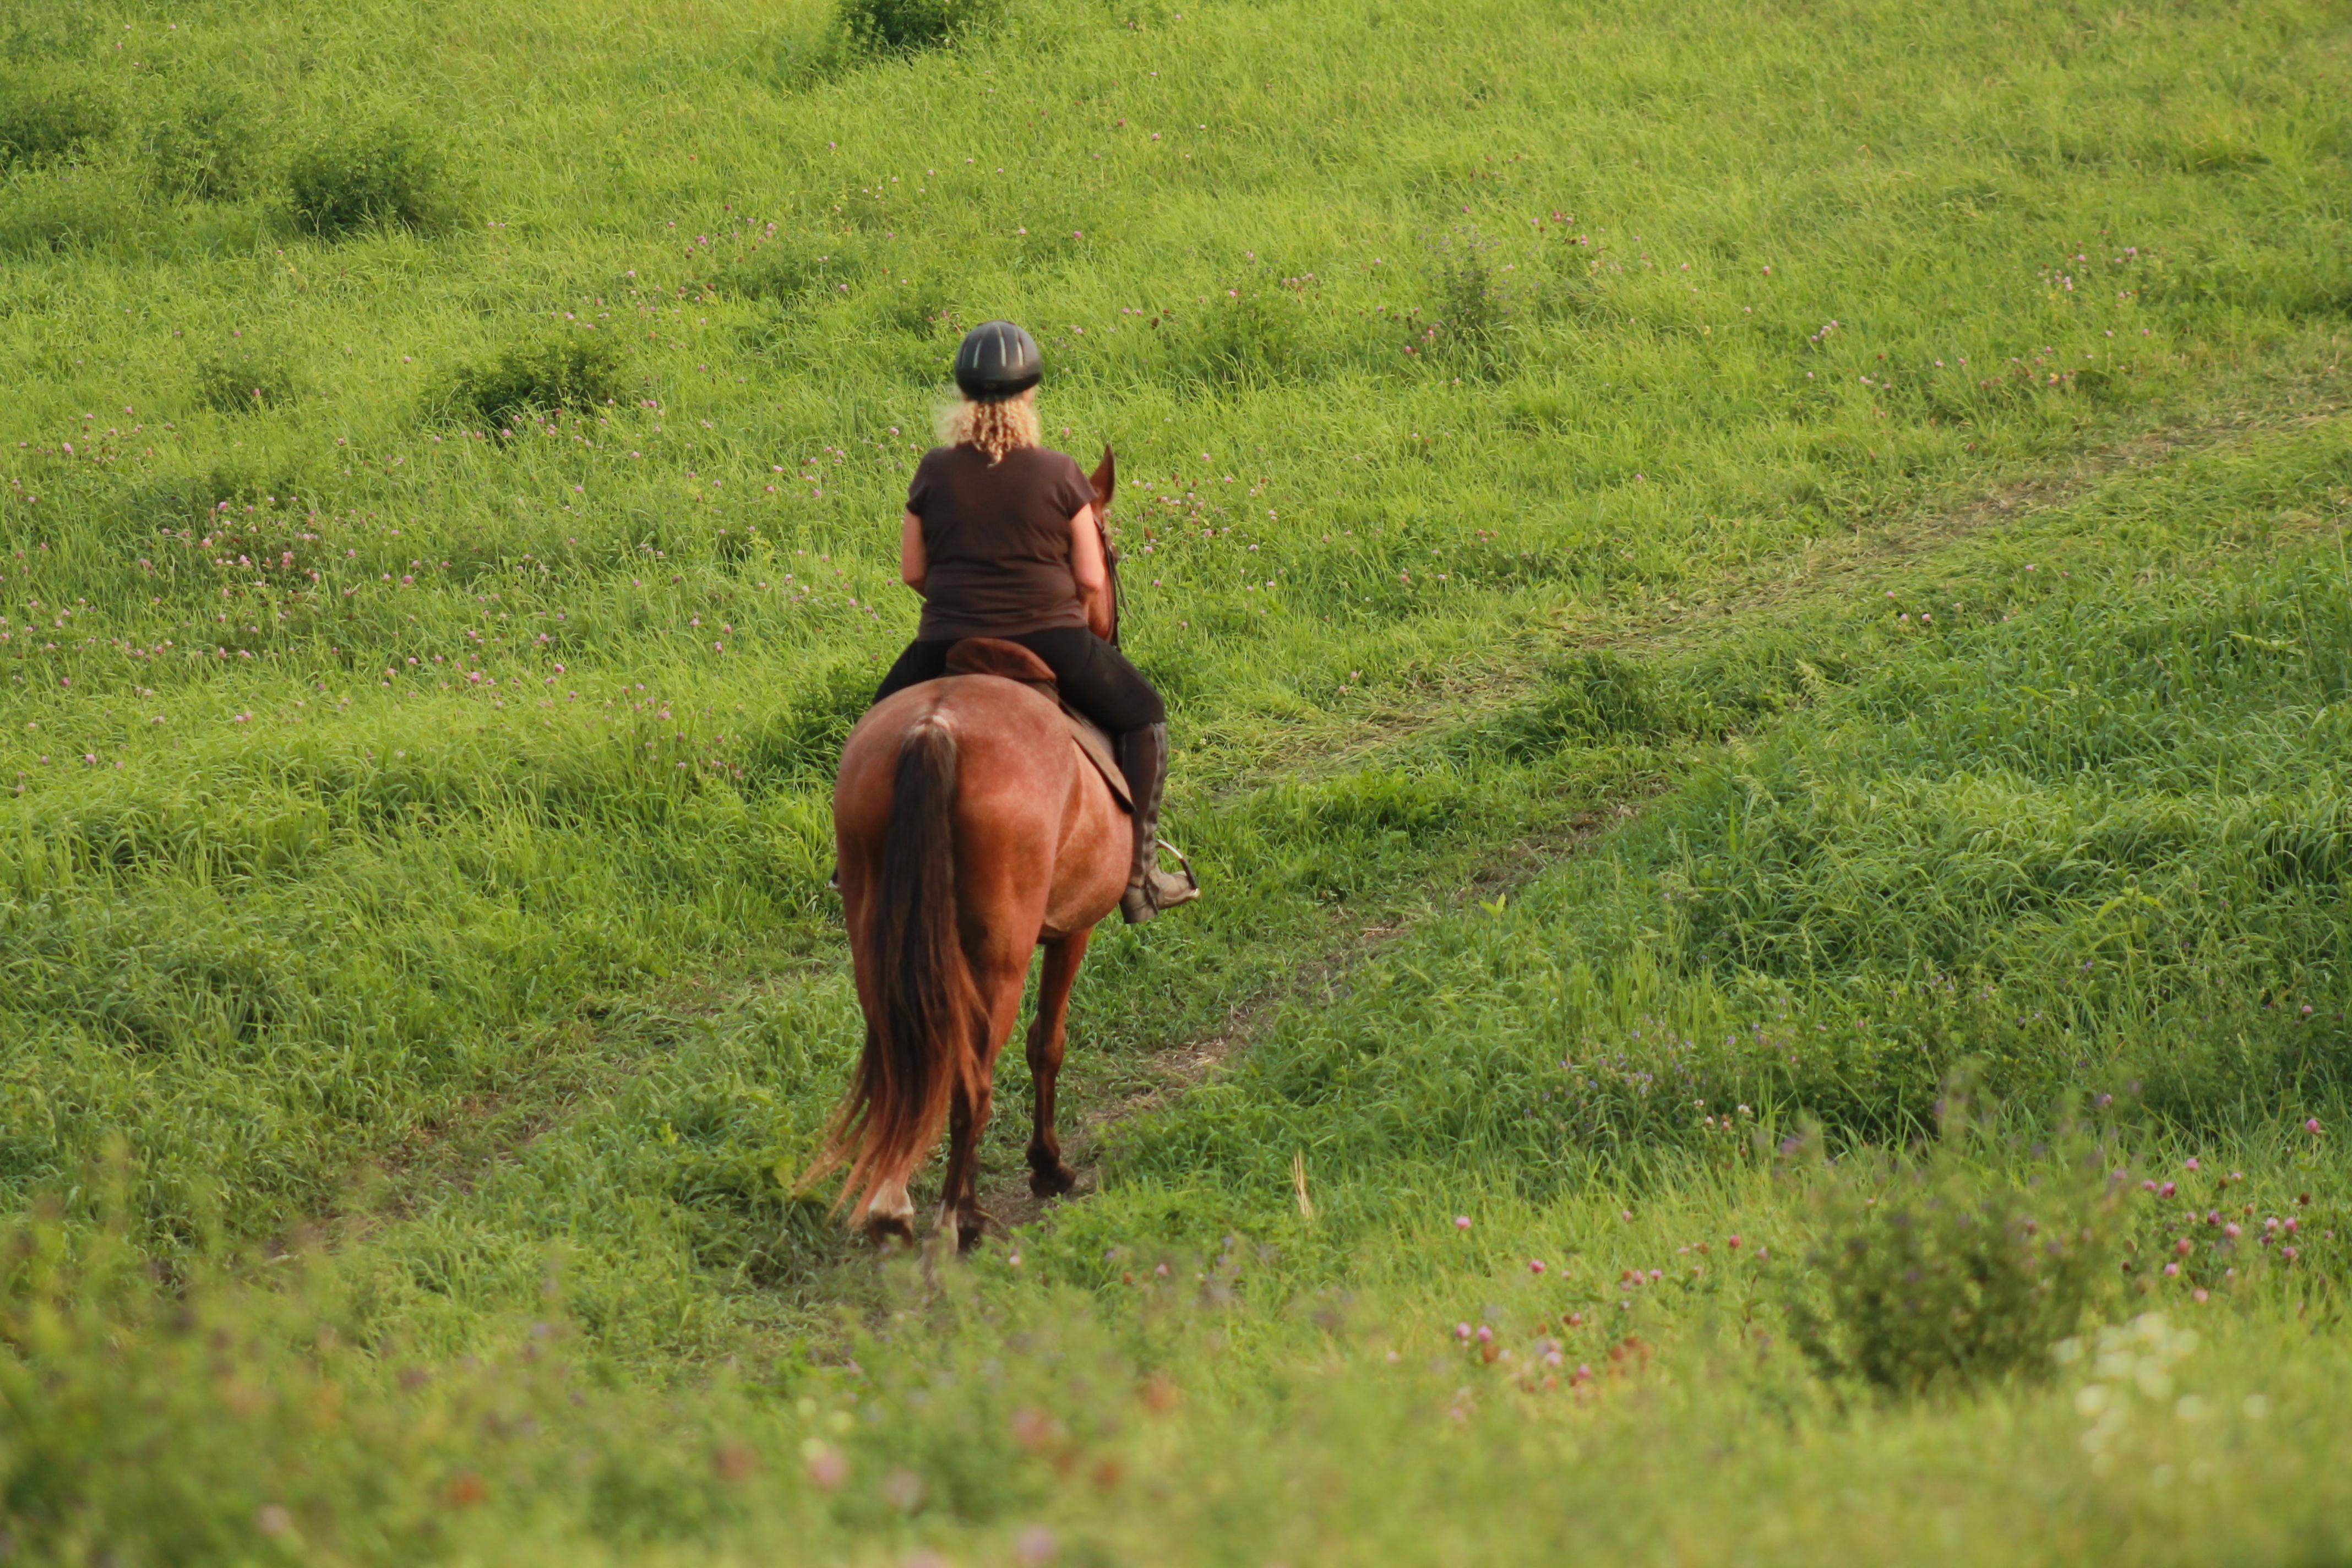 Hay Field Trail